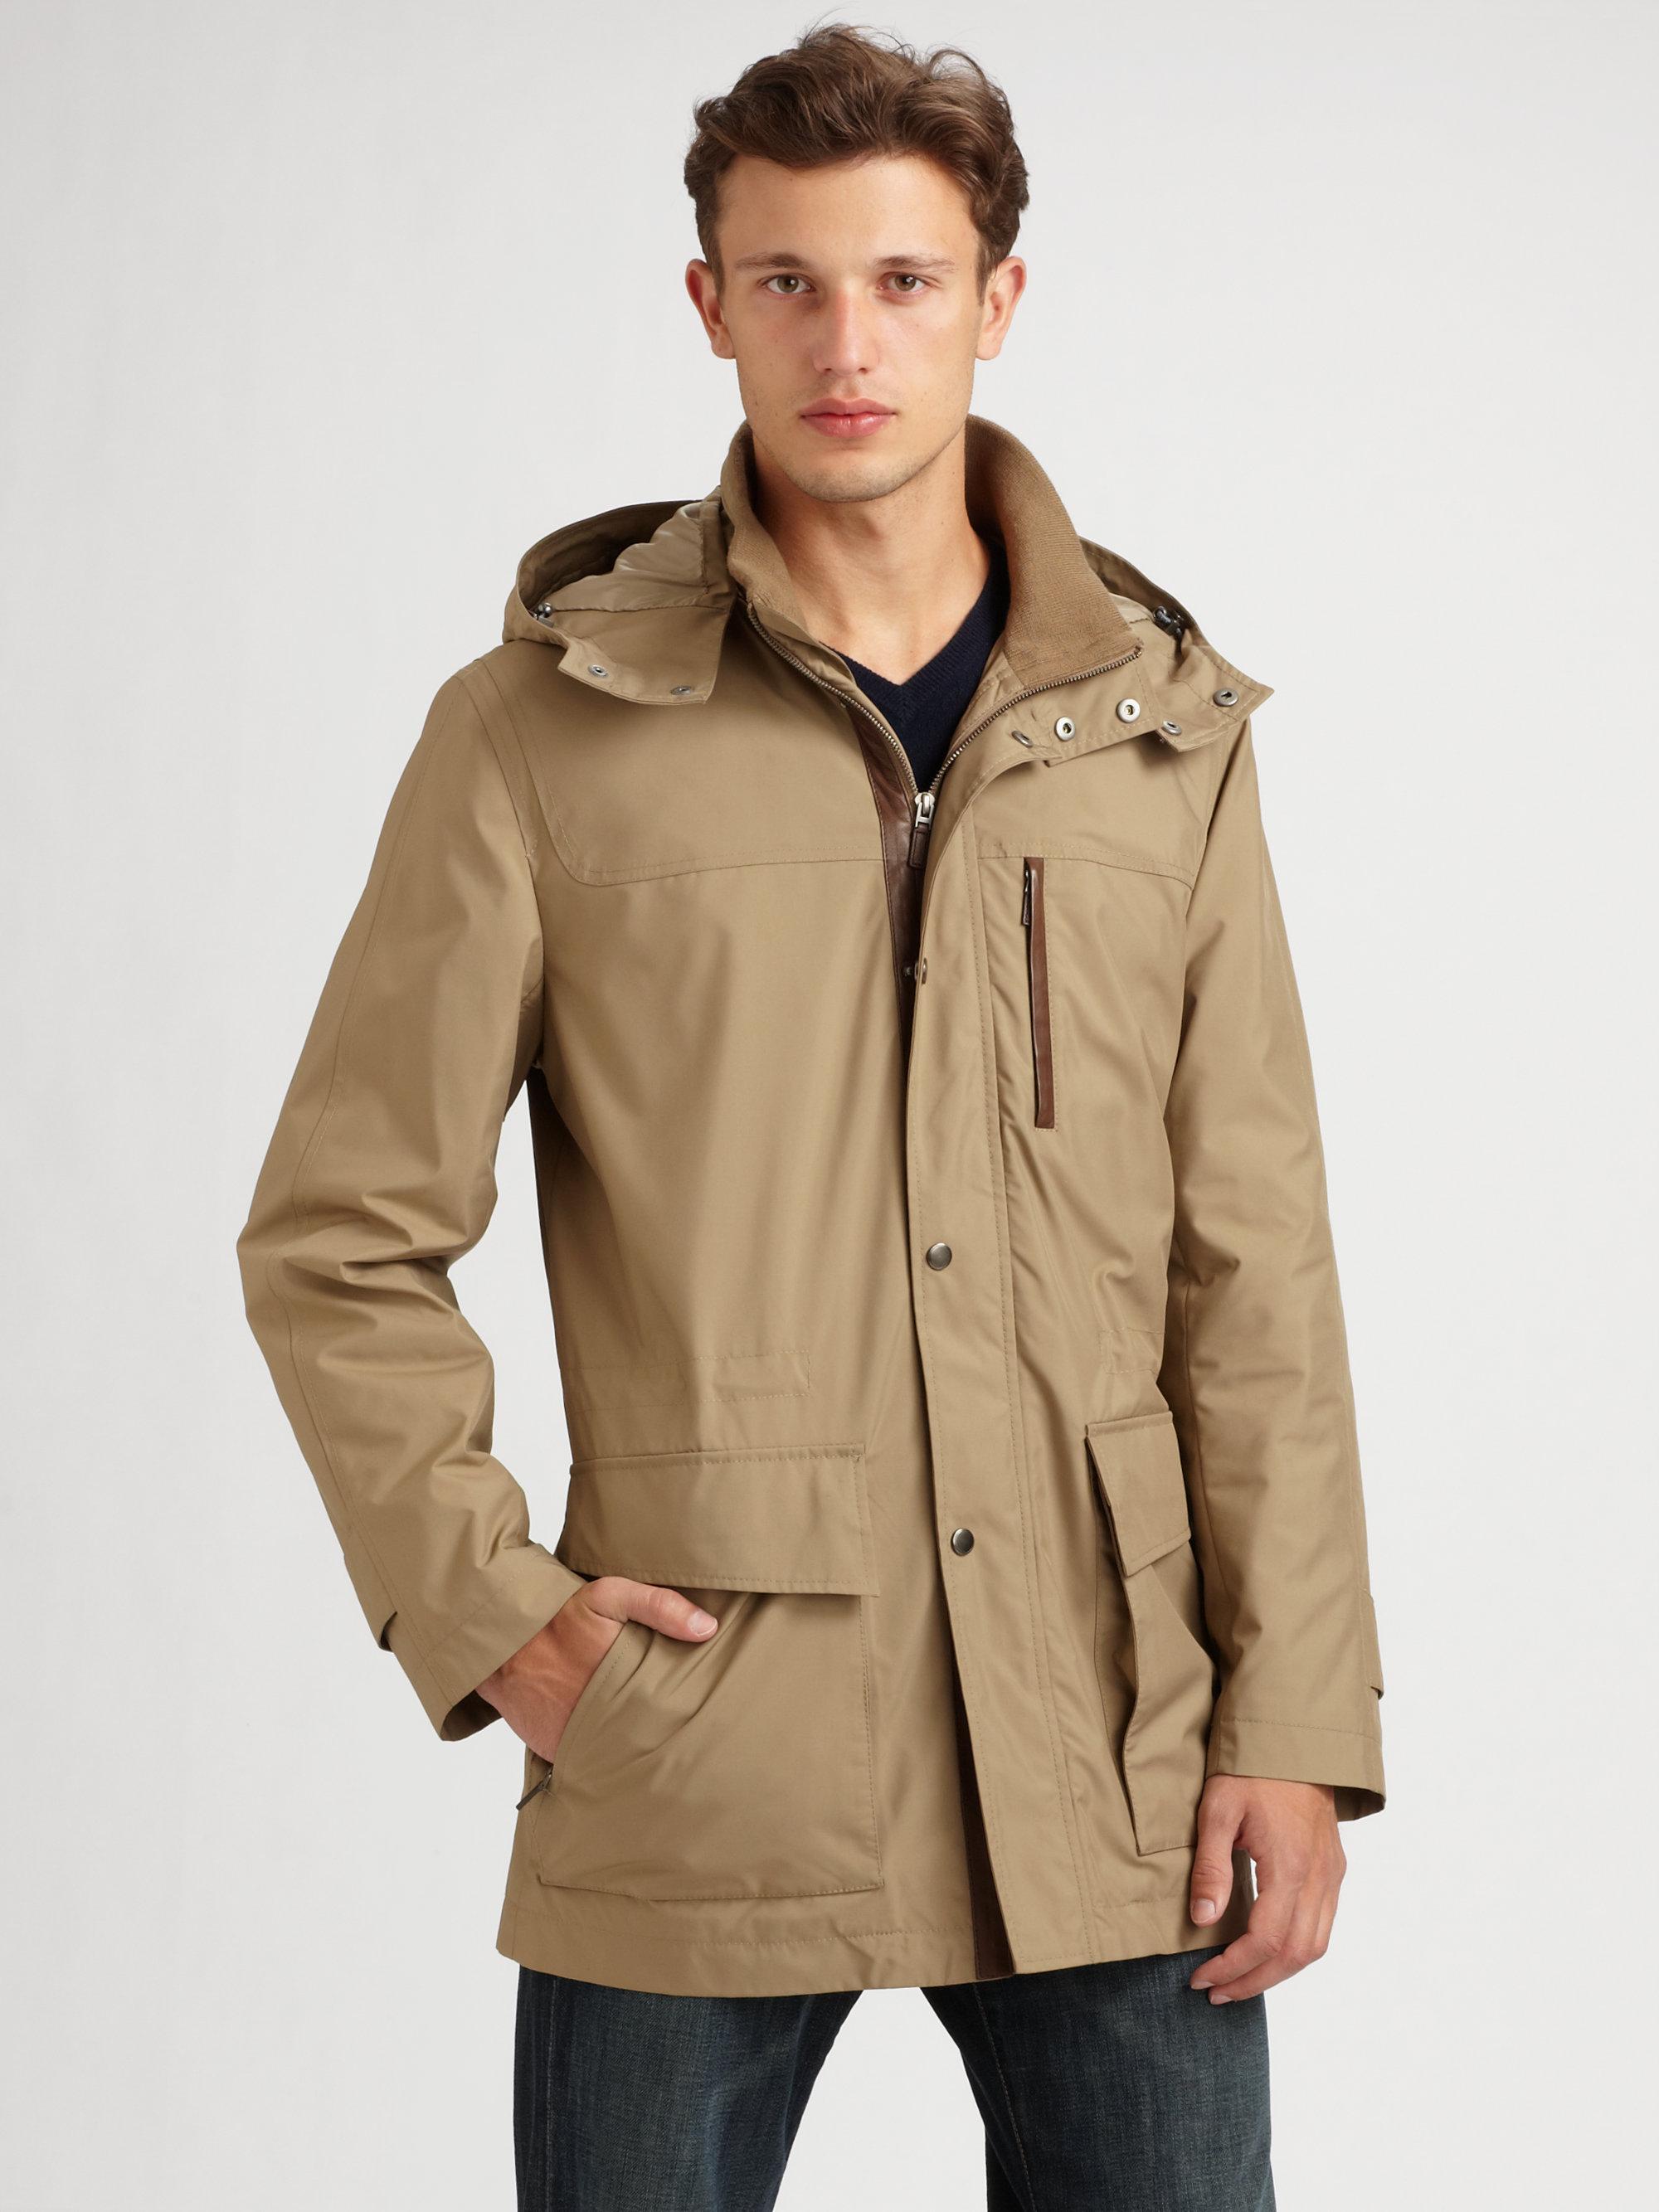 Cole haan Nylon Duffle Coat in Brown for Men | Lyst